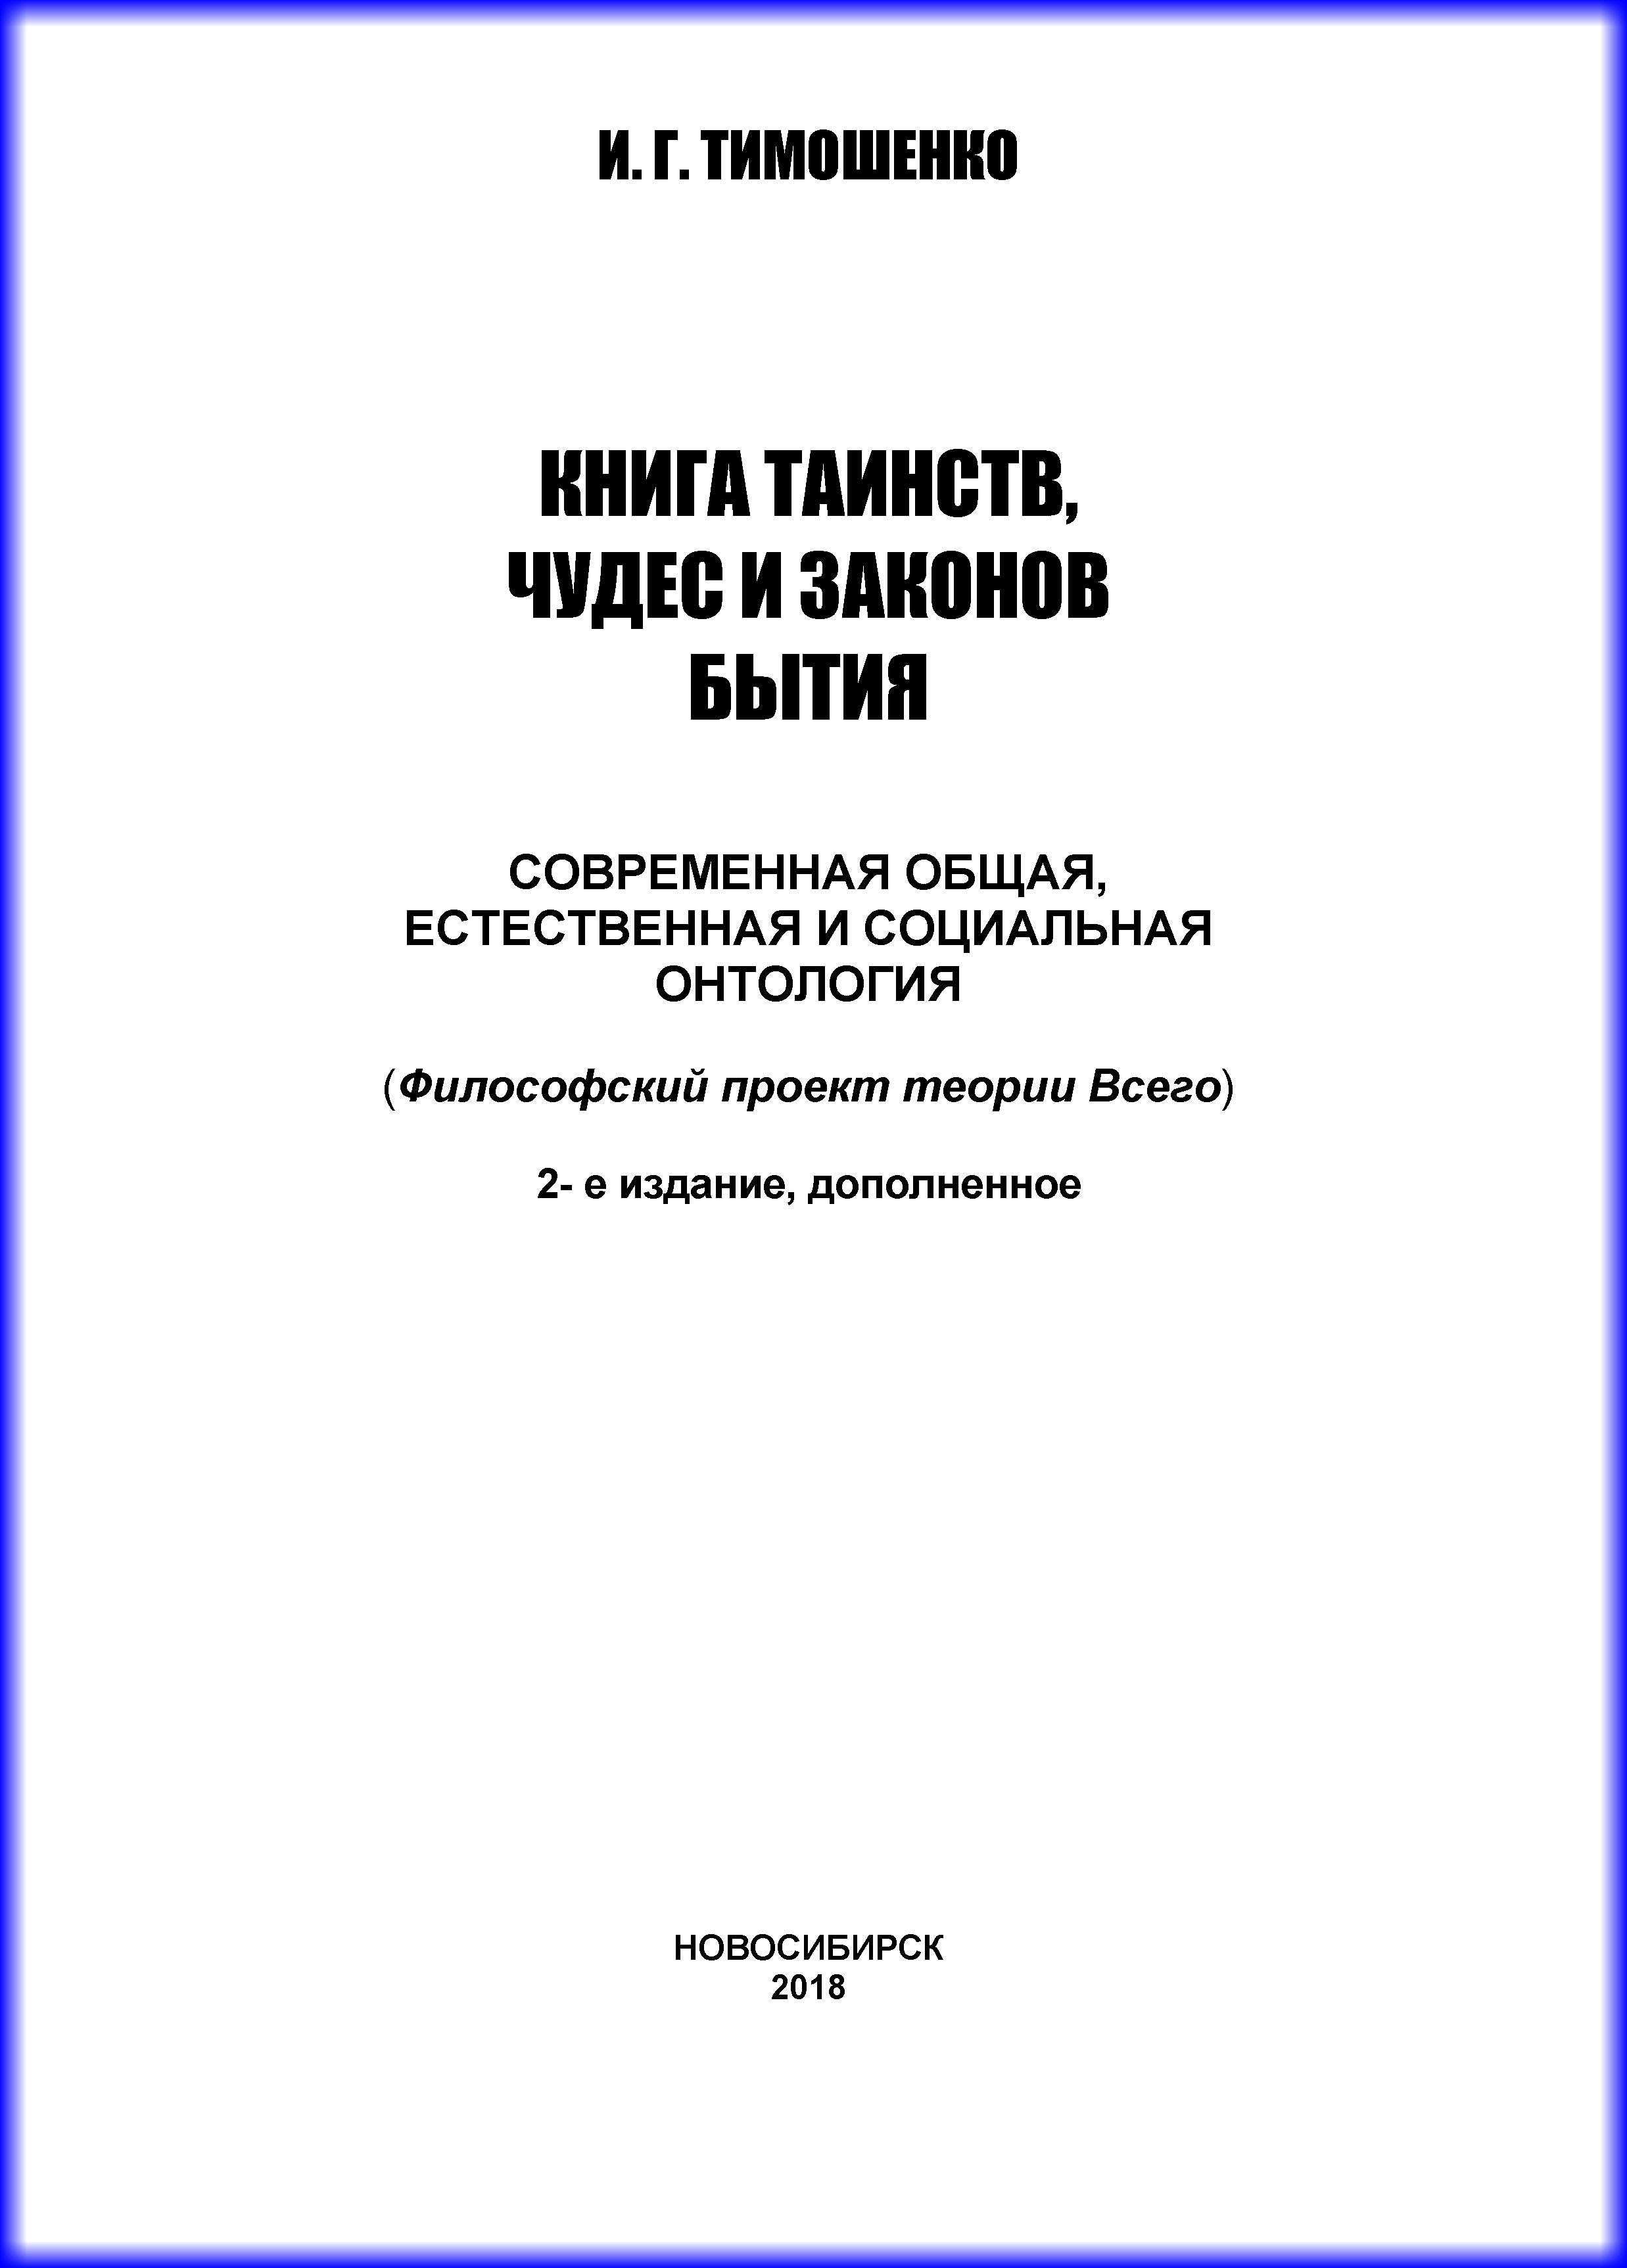 И. Г. Тимошенко Книга таинств, чудес и законов бытия. Современная общая, естественная и социальная онтология цена